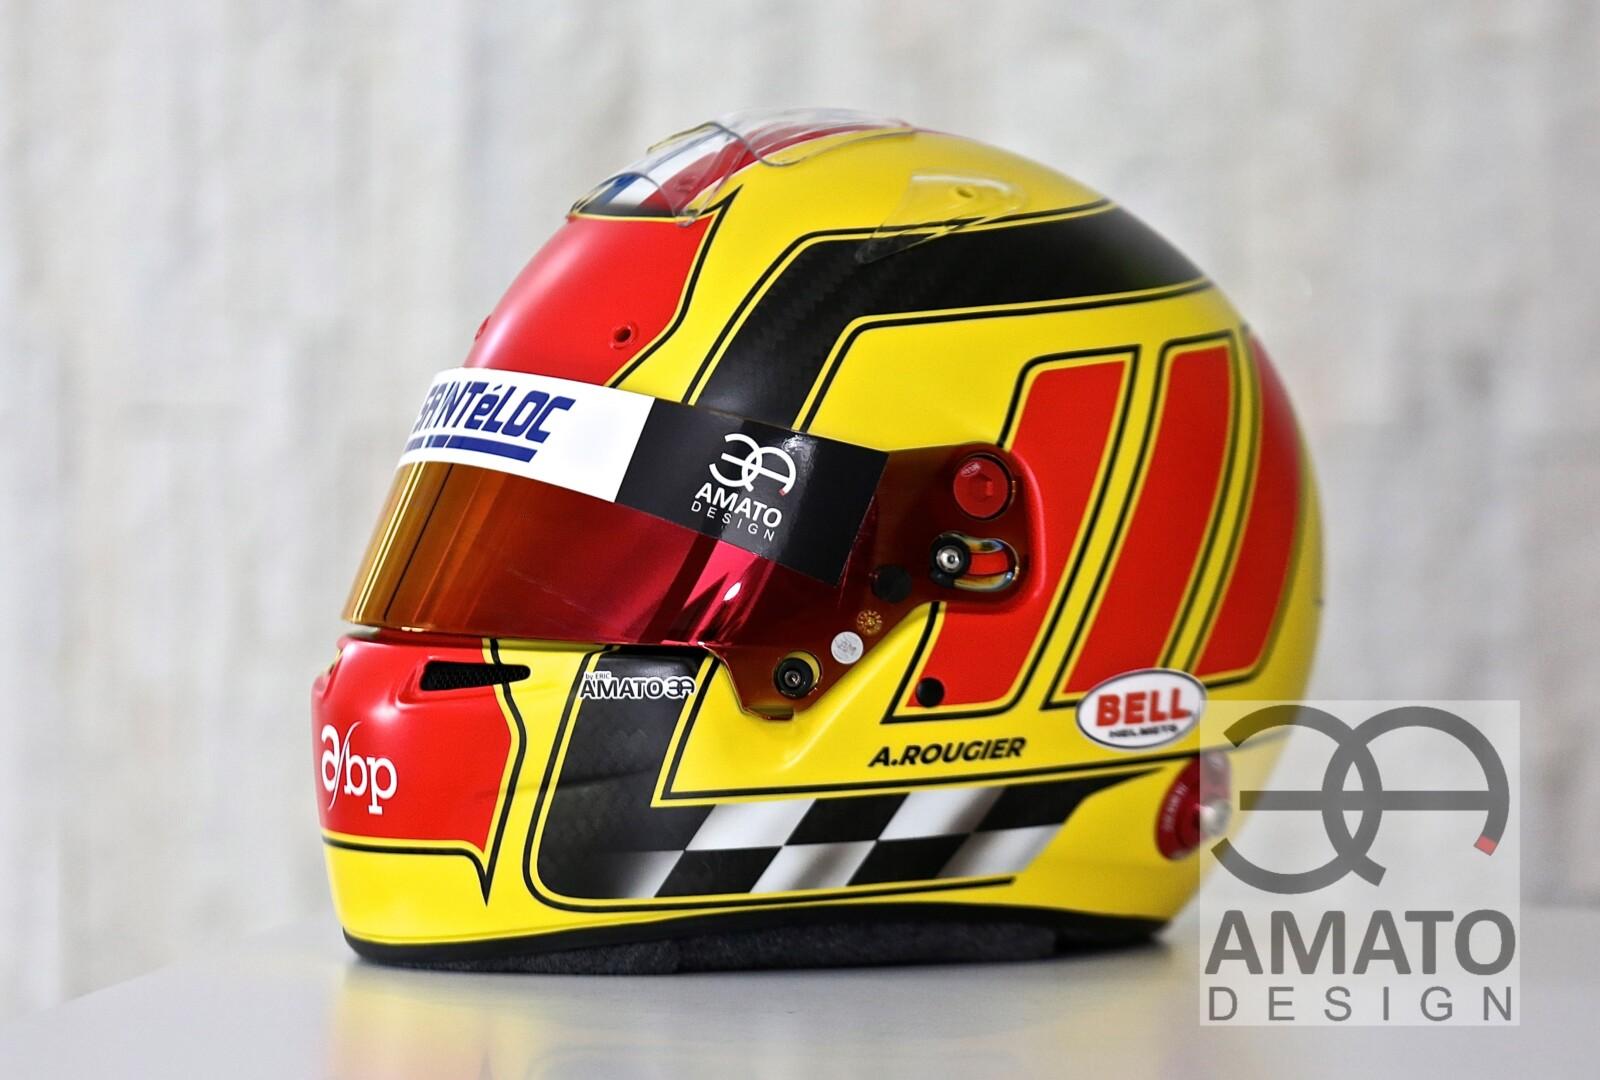 Casque conçu et réalisé par AMATO design pour le jeune pilote Arthur Rougier, coureur pour Sainteloc racing.